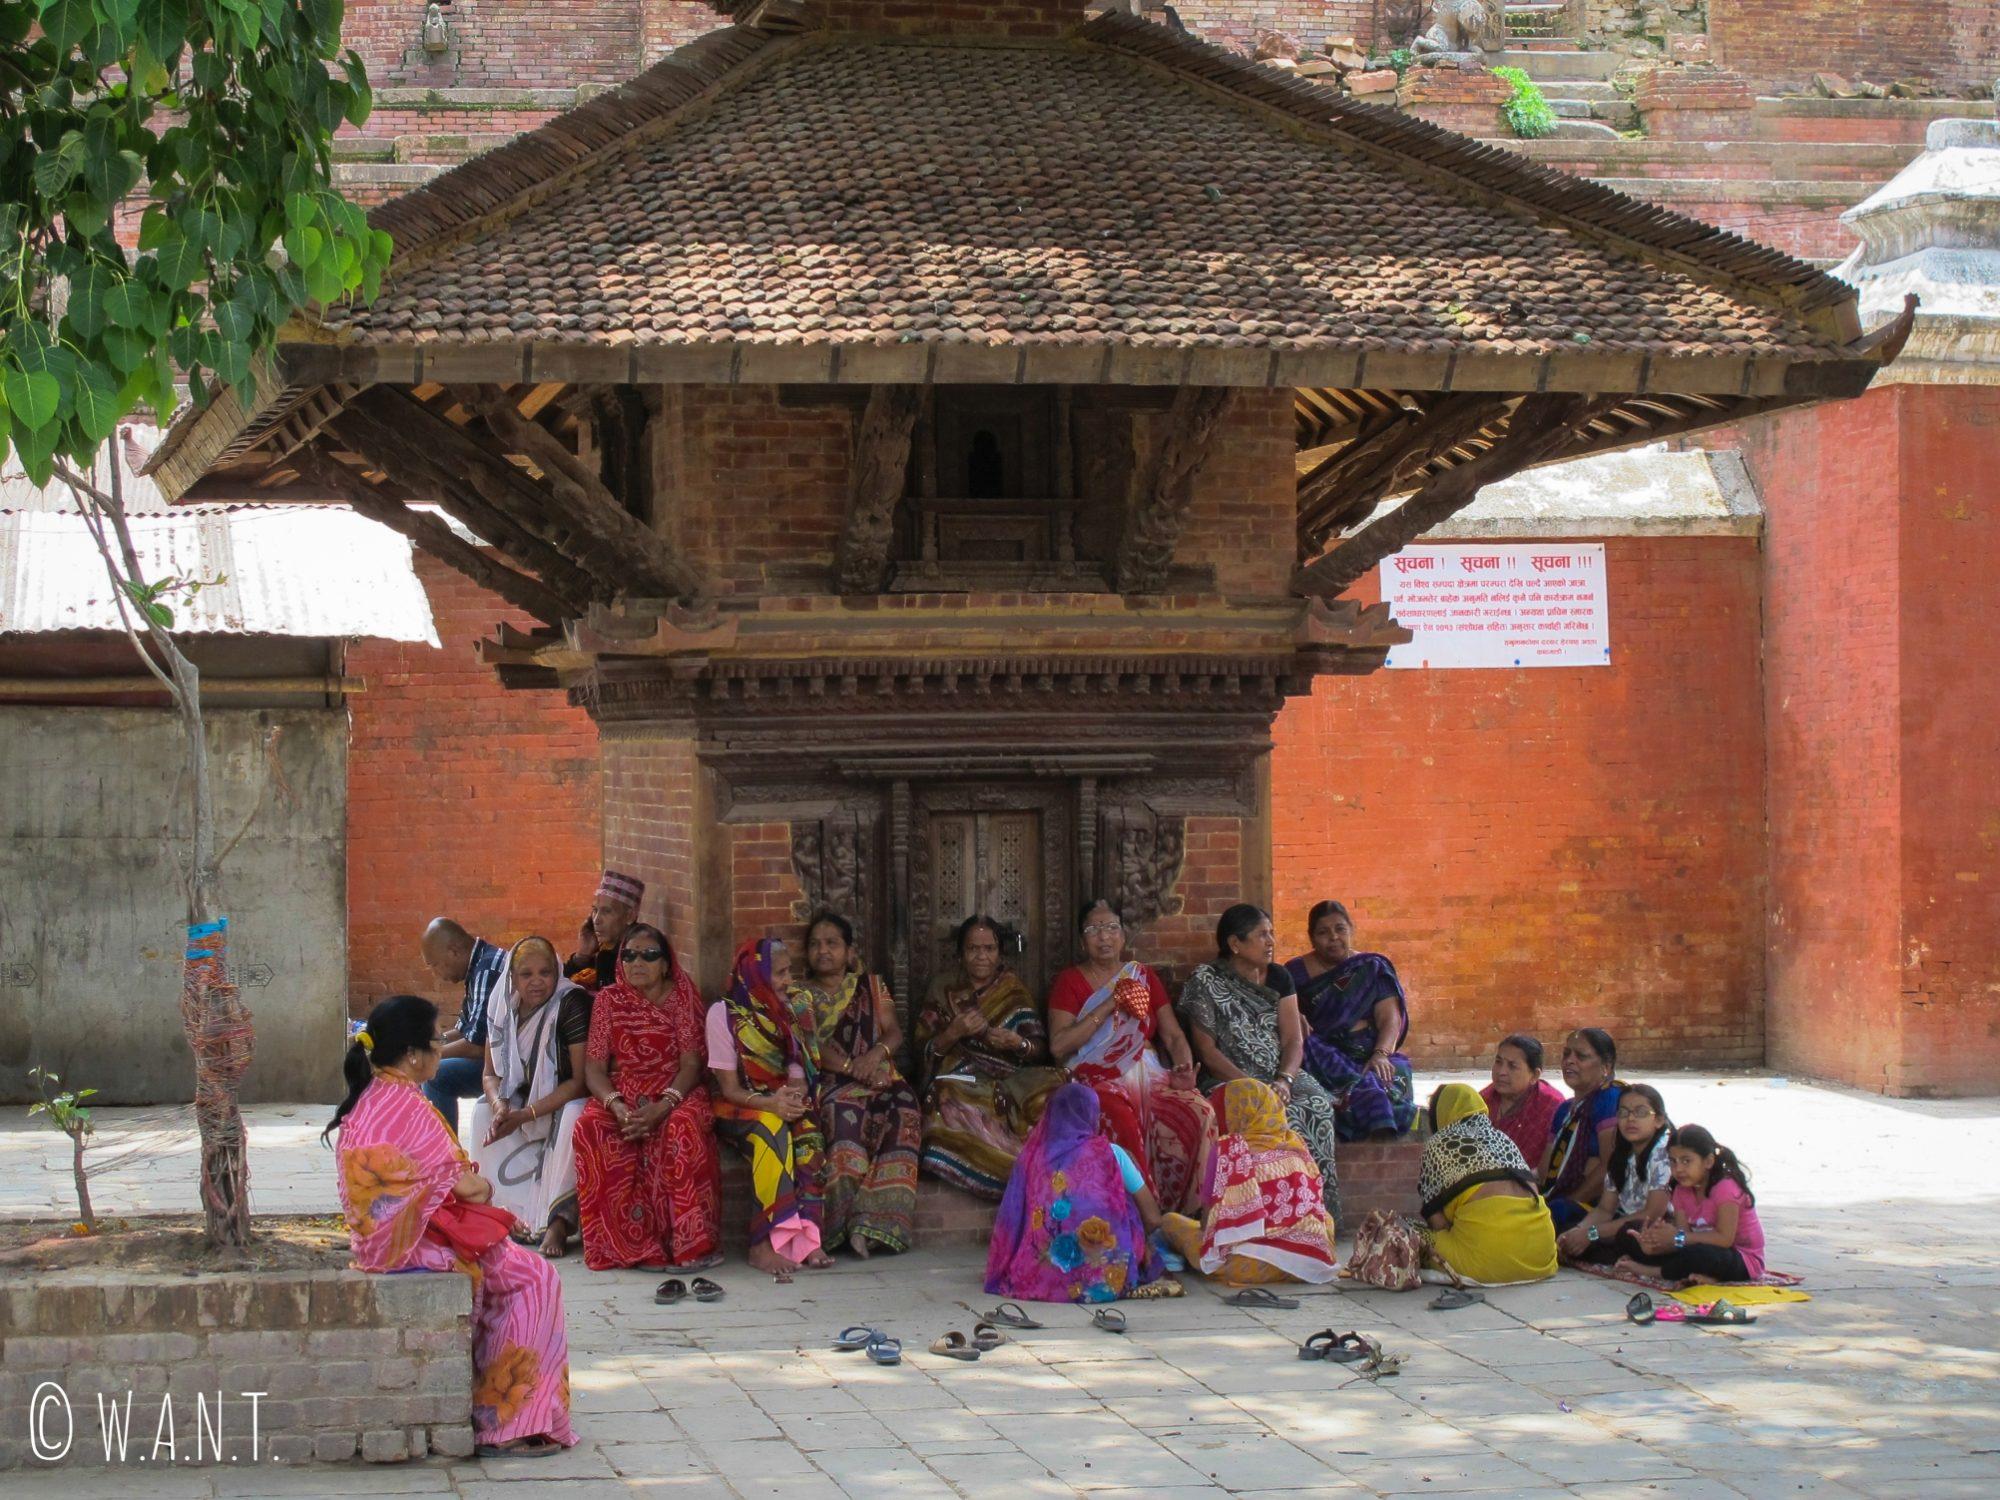 Les femmes se réunissent sur la place principale du Durbar Square et entonnent des chants